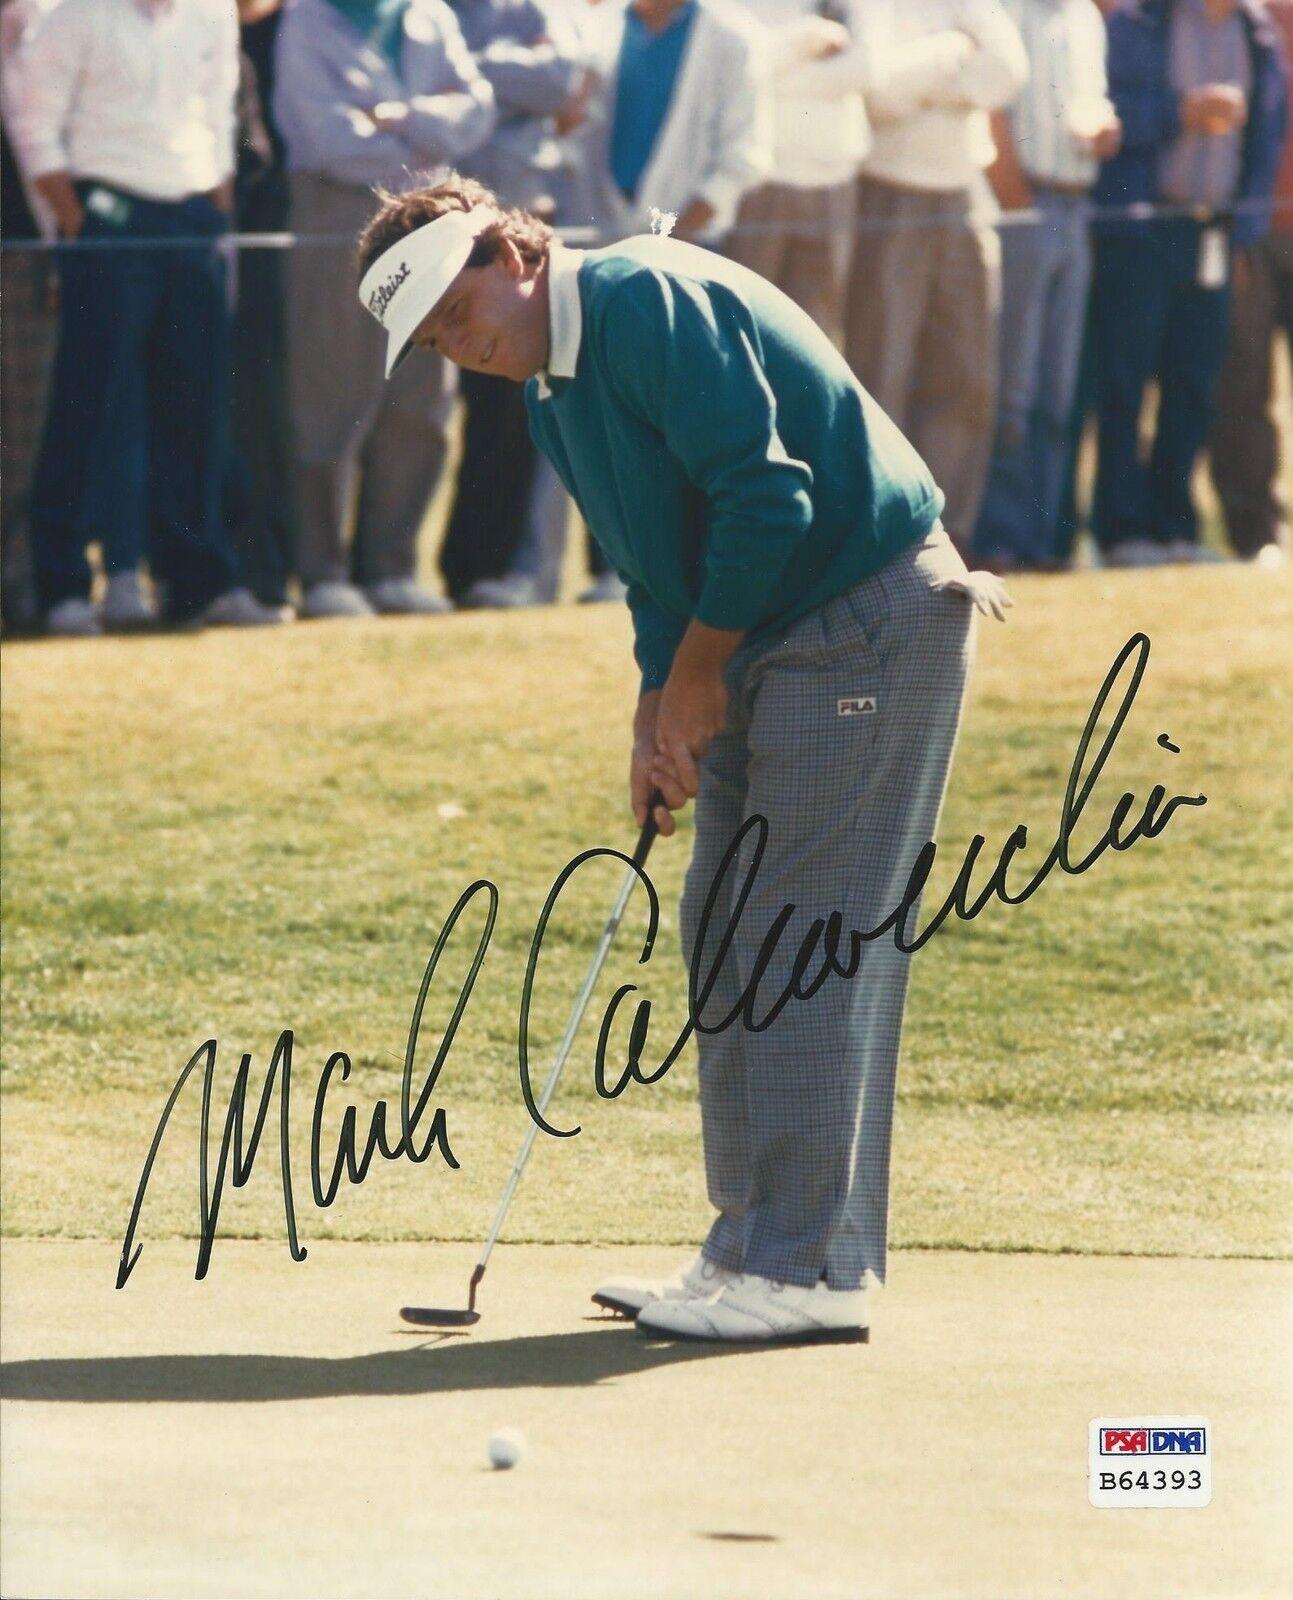 Mark Calcavecchia PGA Golfer signed 8x10 photo PSA/DNA #B64393